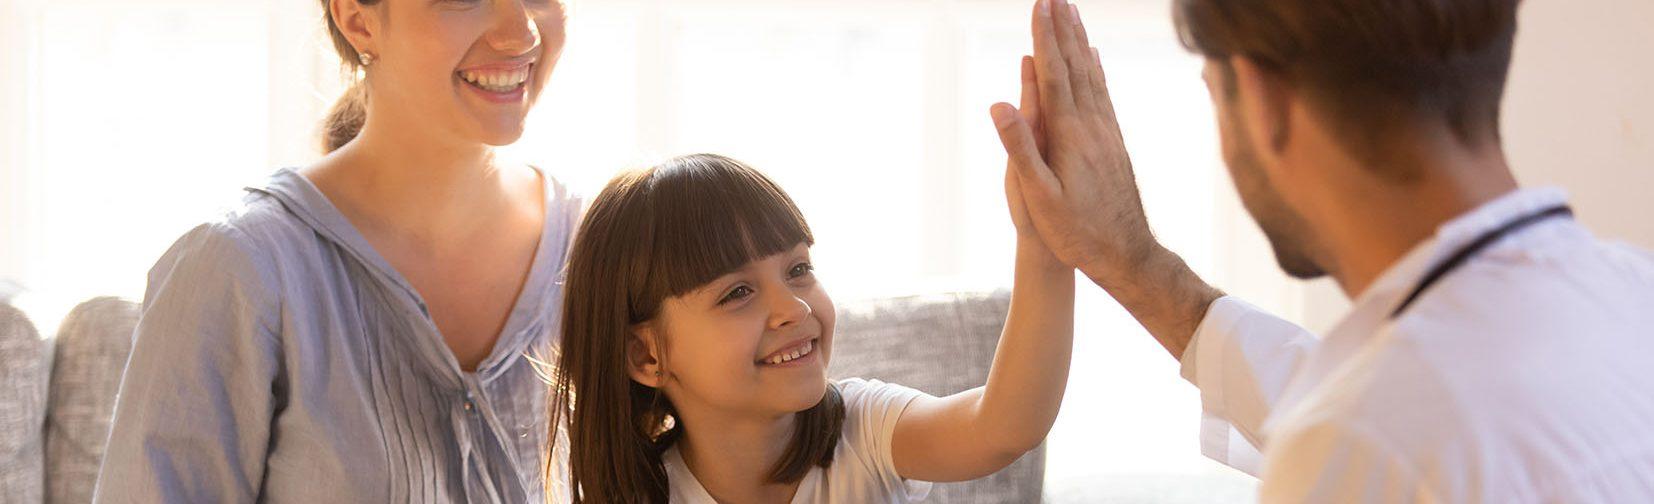 Adobe Stock © fizkes Eltern Kind Hände klatschen